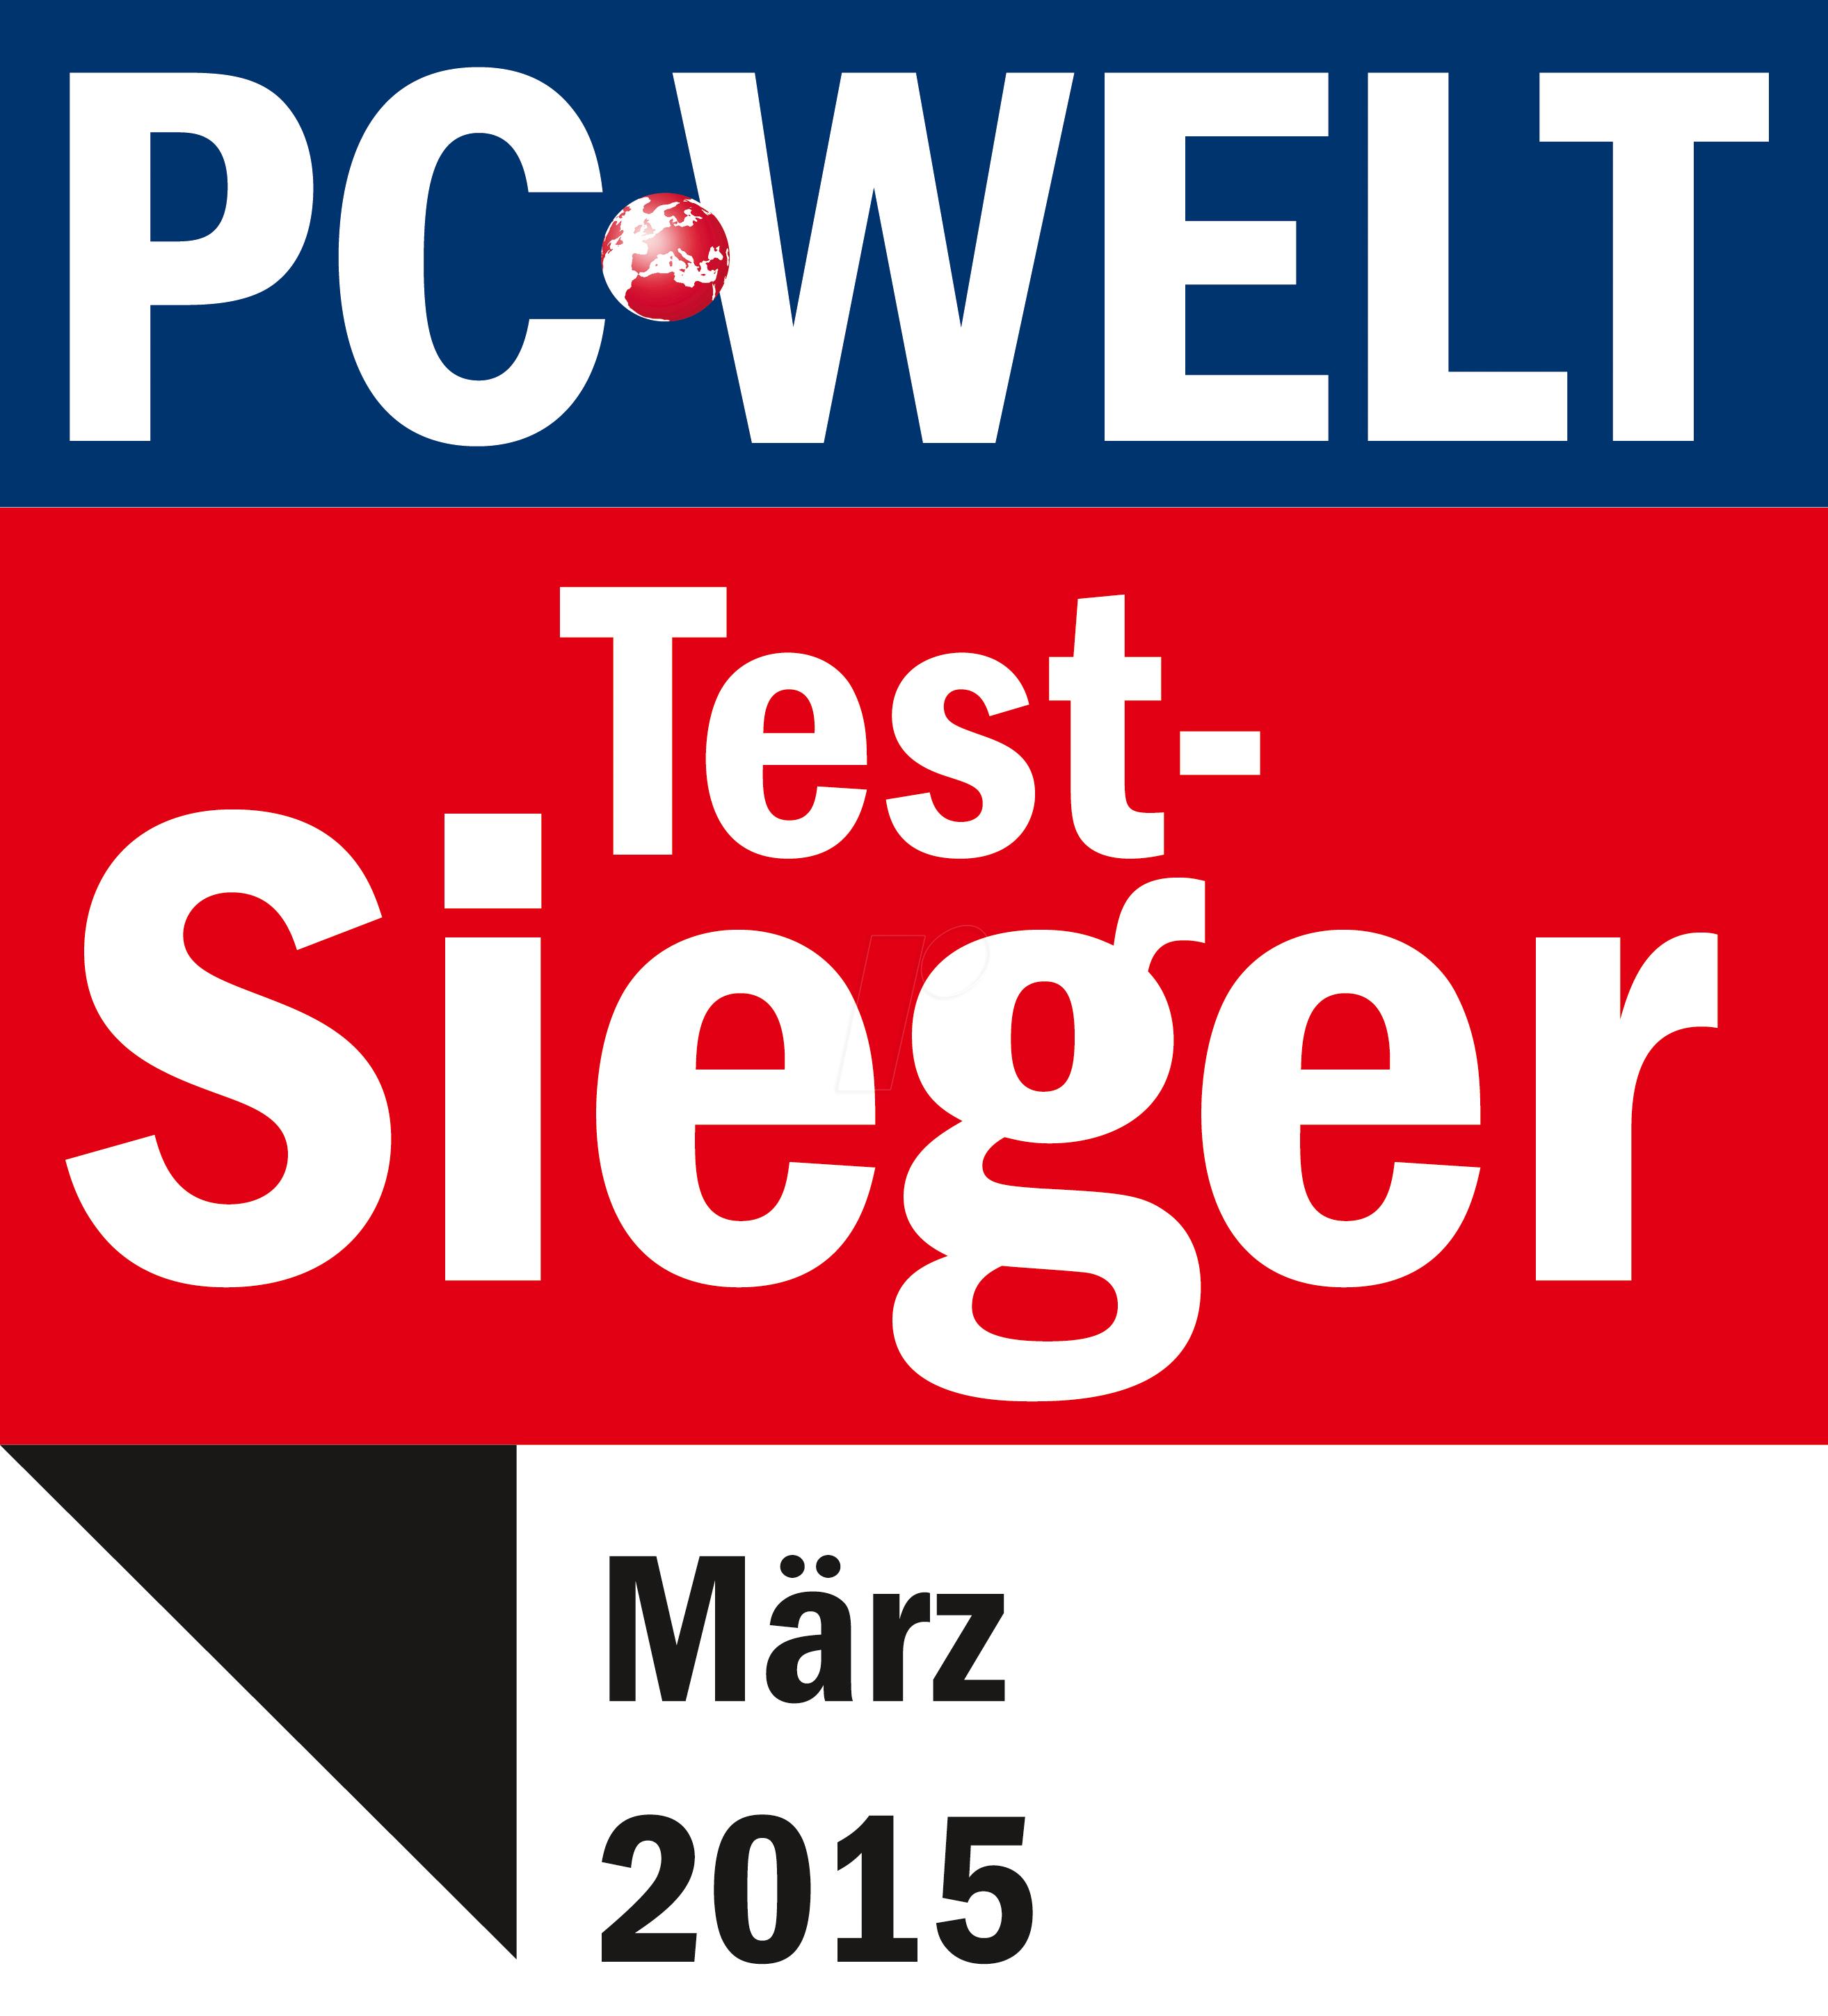 https://cdn-reichelt.de/bilder/web/xxl_ws/E300/EIZO_EV3237_TS_PCW_0315.png